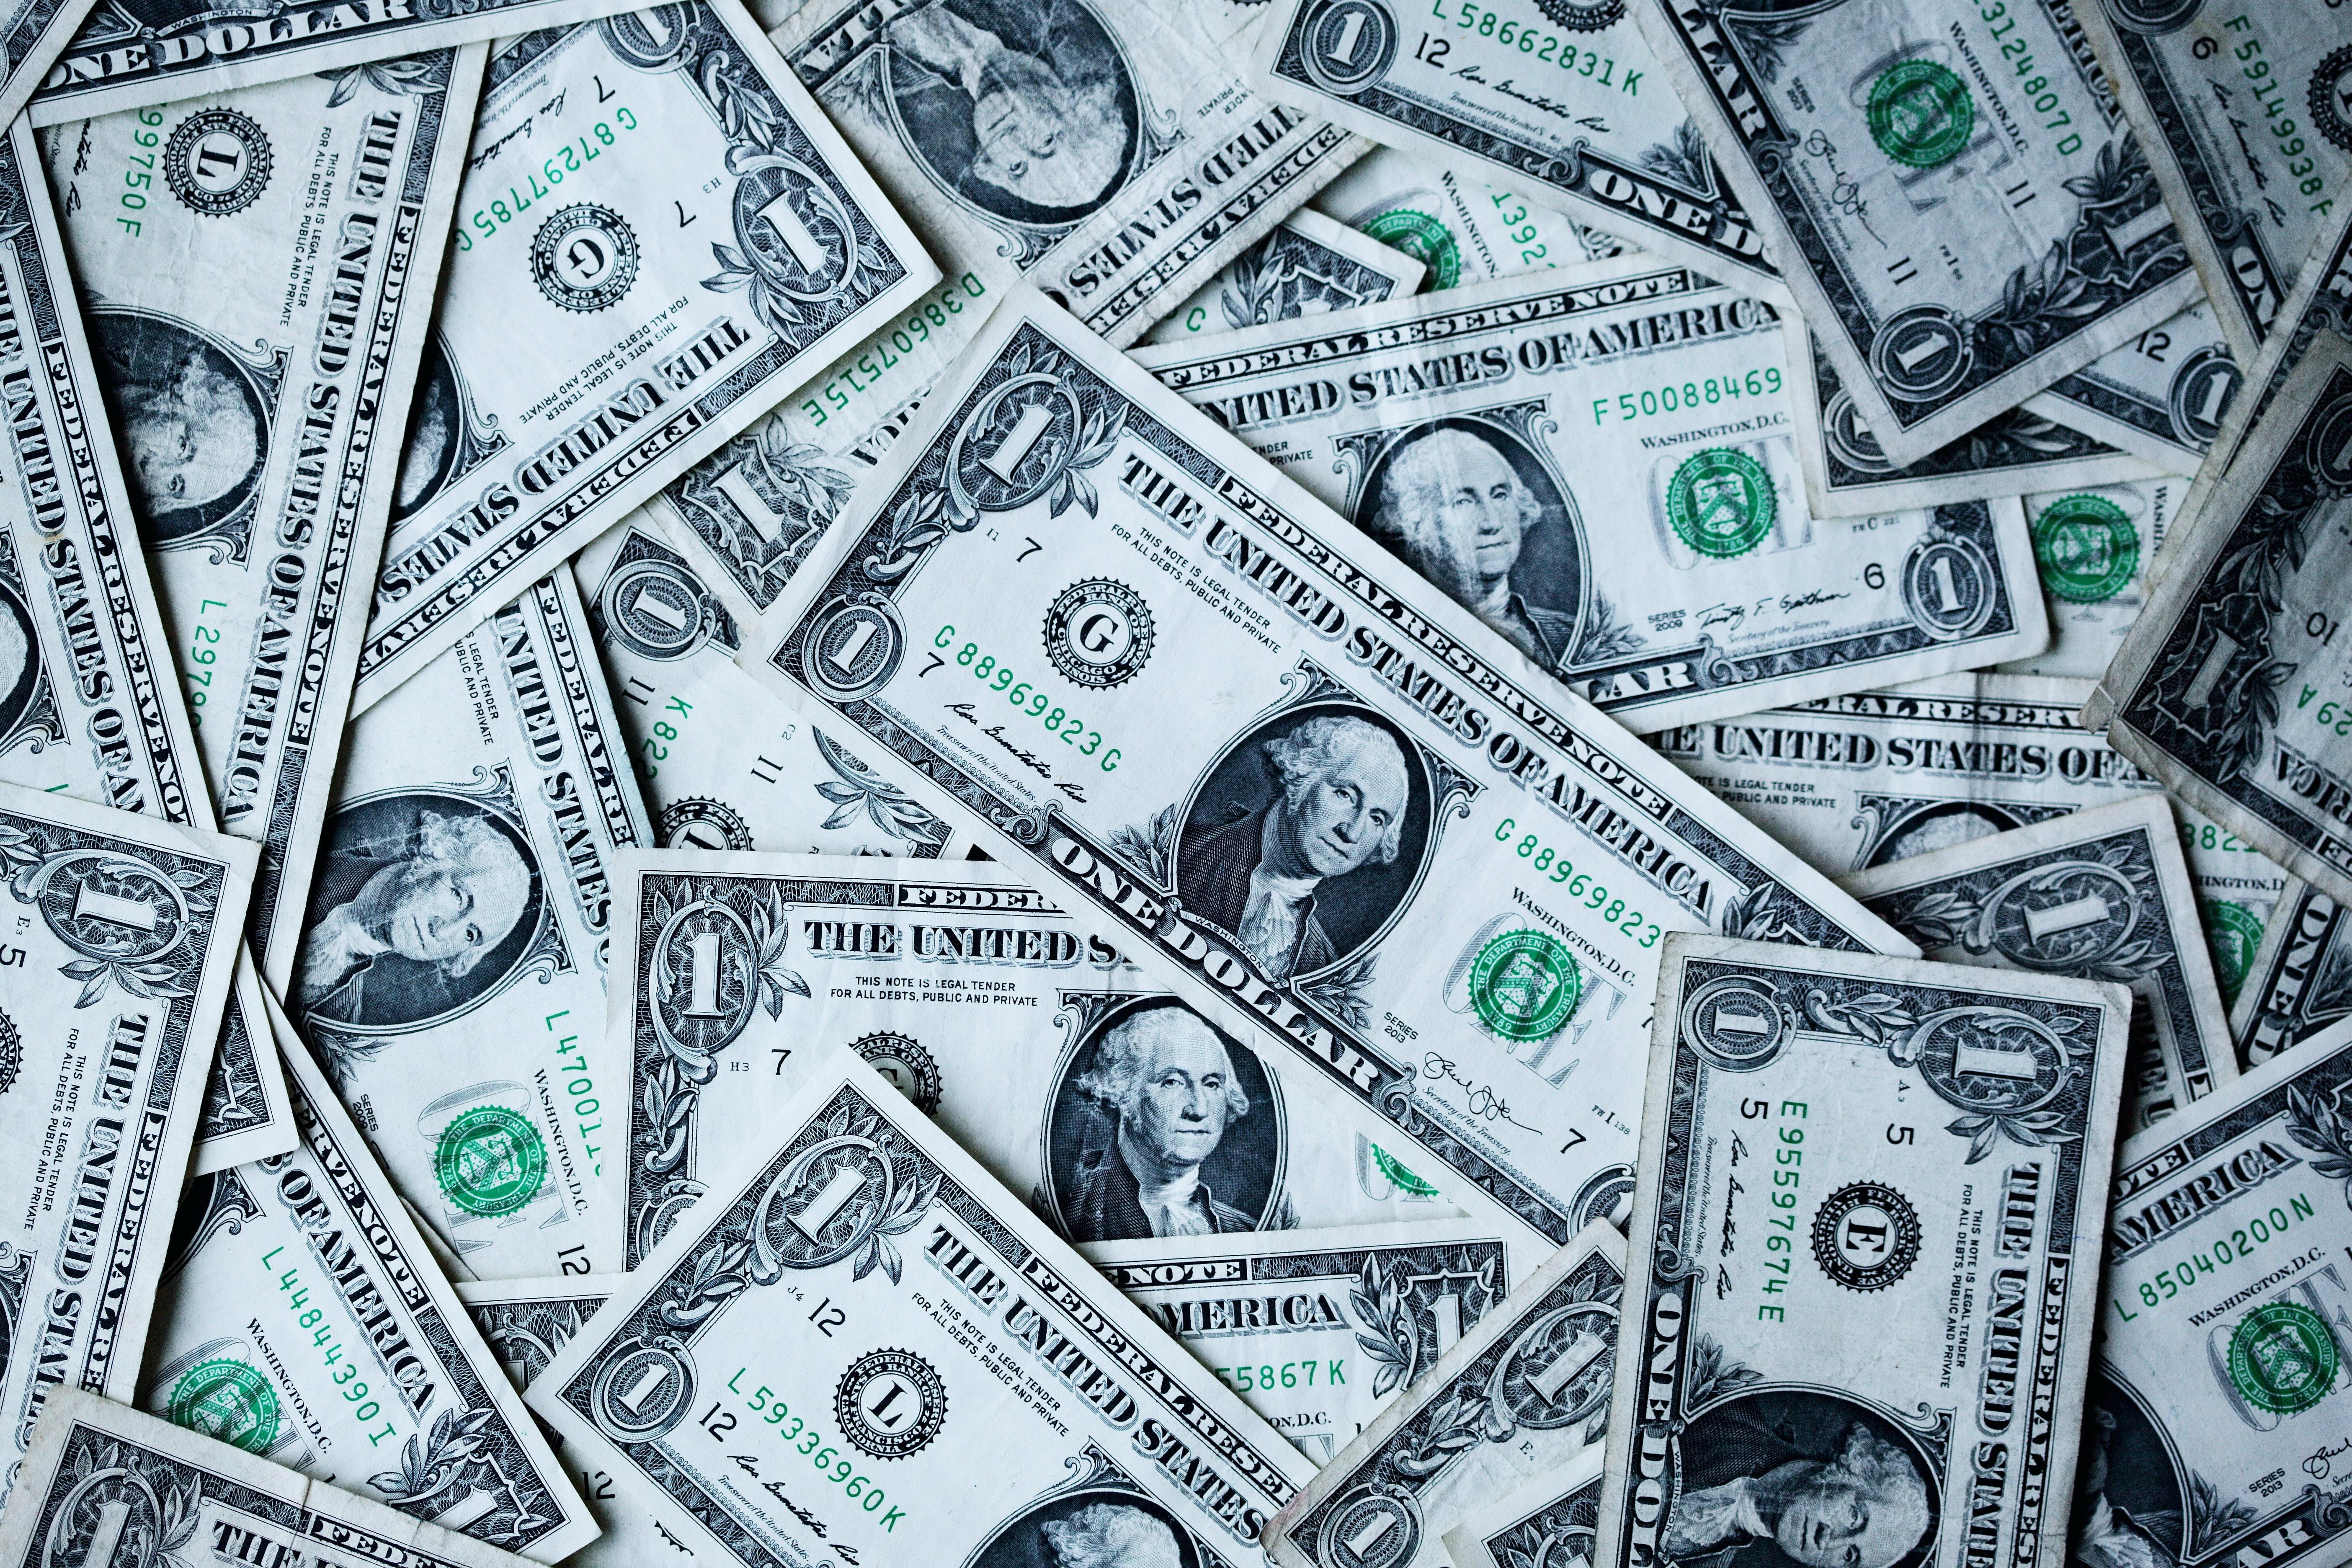 sharon mccutcheon 665638 unsplash - Quer saber como investir em dólar? Então confira essas dicas